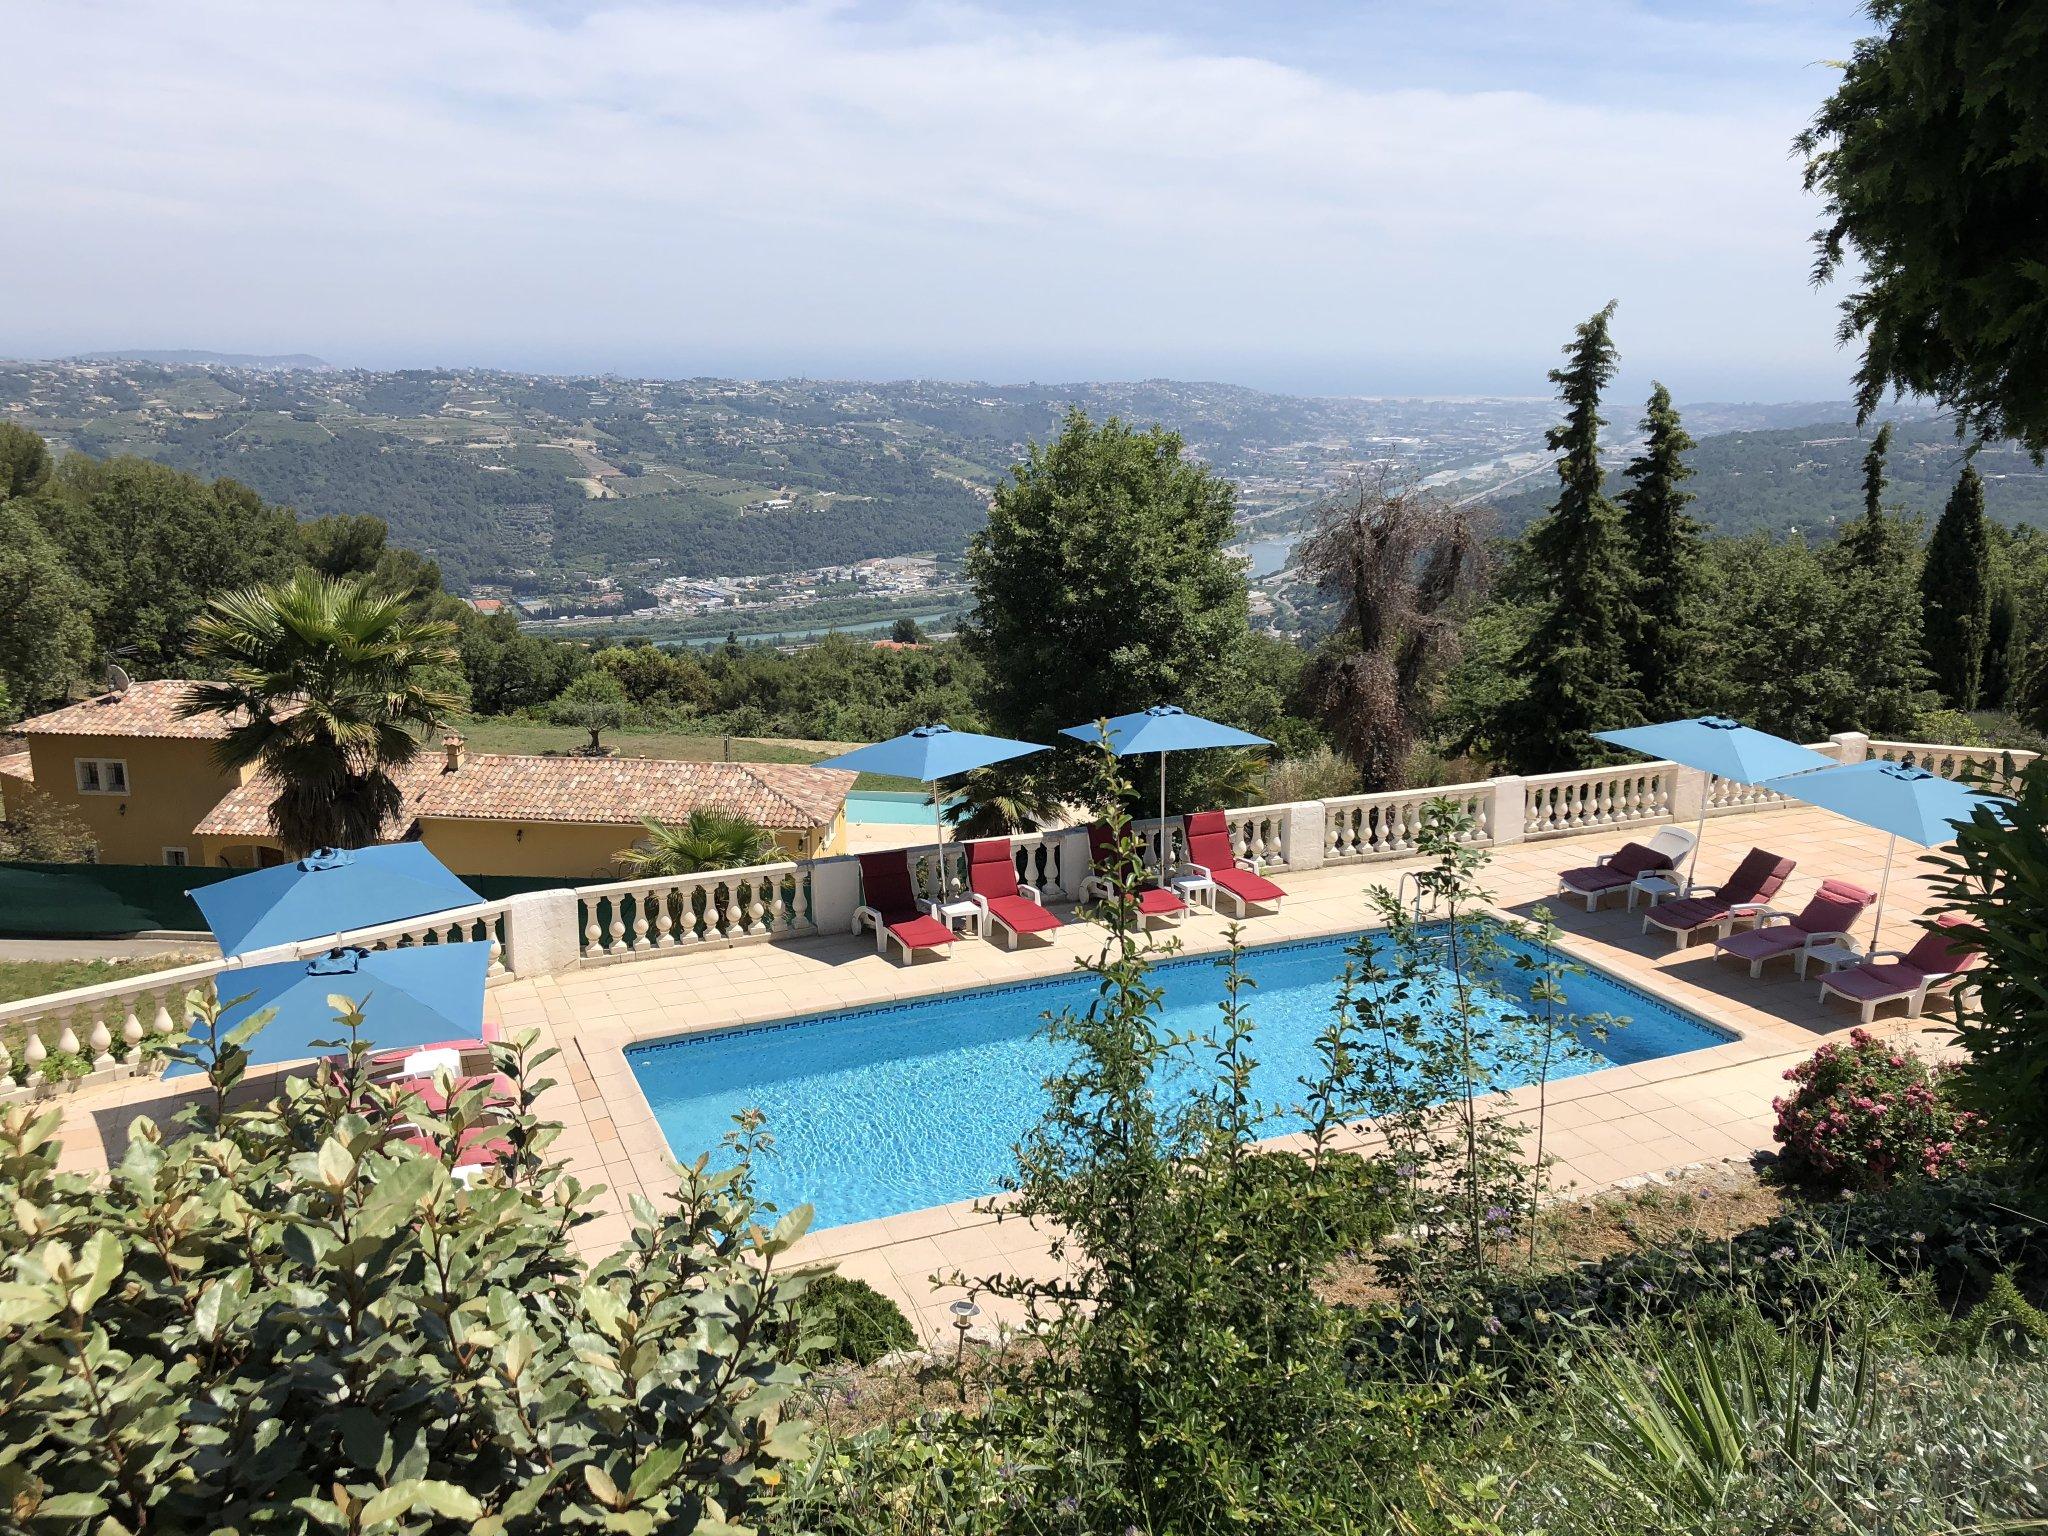 Ferienhaus Le Domaine de la Cote d'Azur - Mittleres Haus, 4 Personen